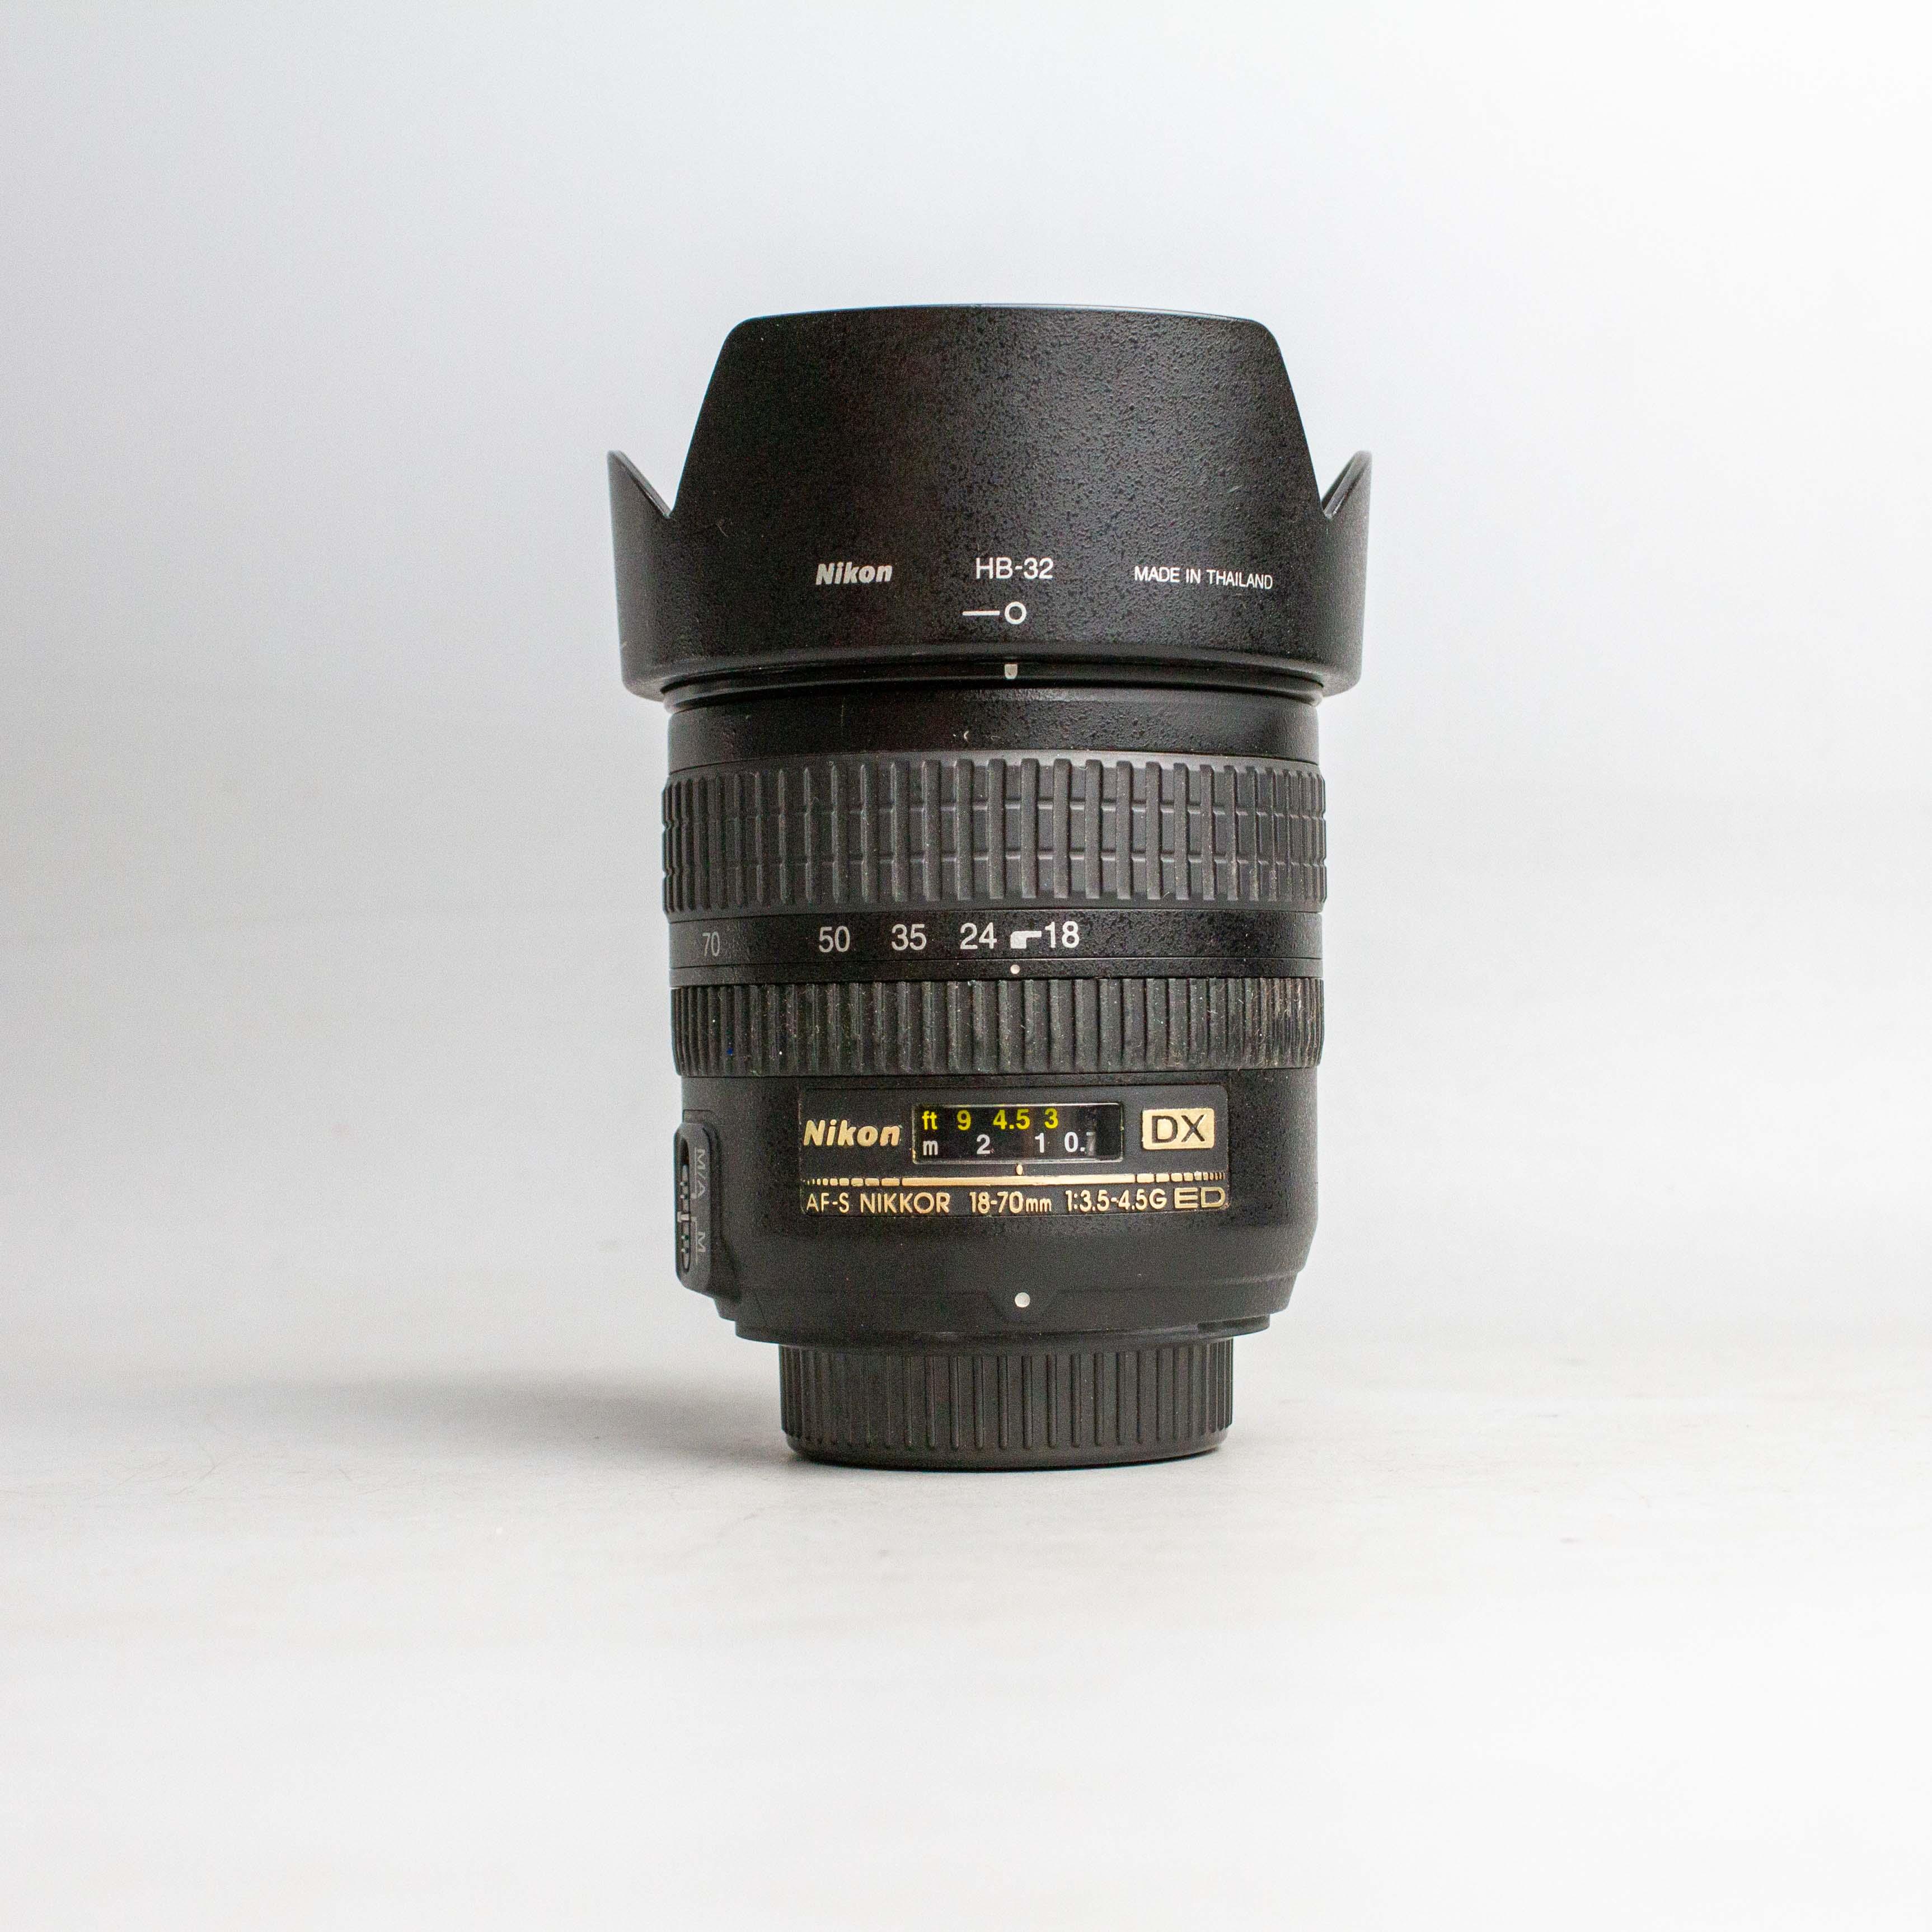 nikon-18-70mm-f3-5-4-5-afs-18-70-3-5-4-5-18752